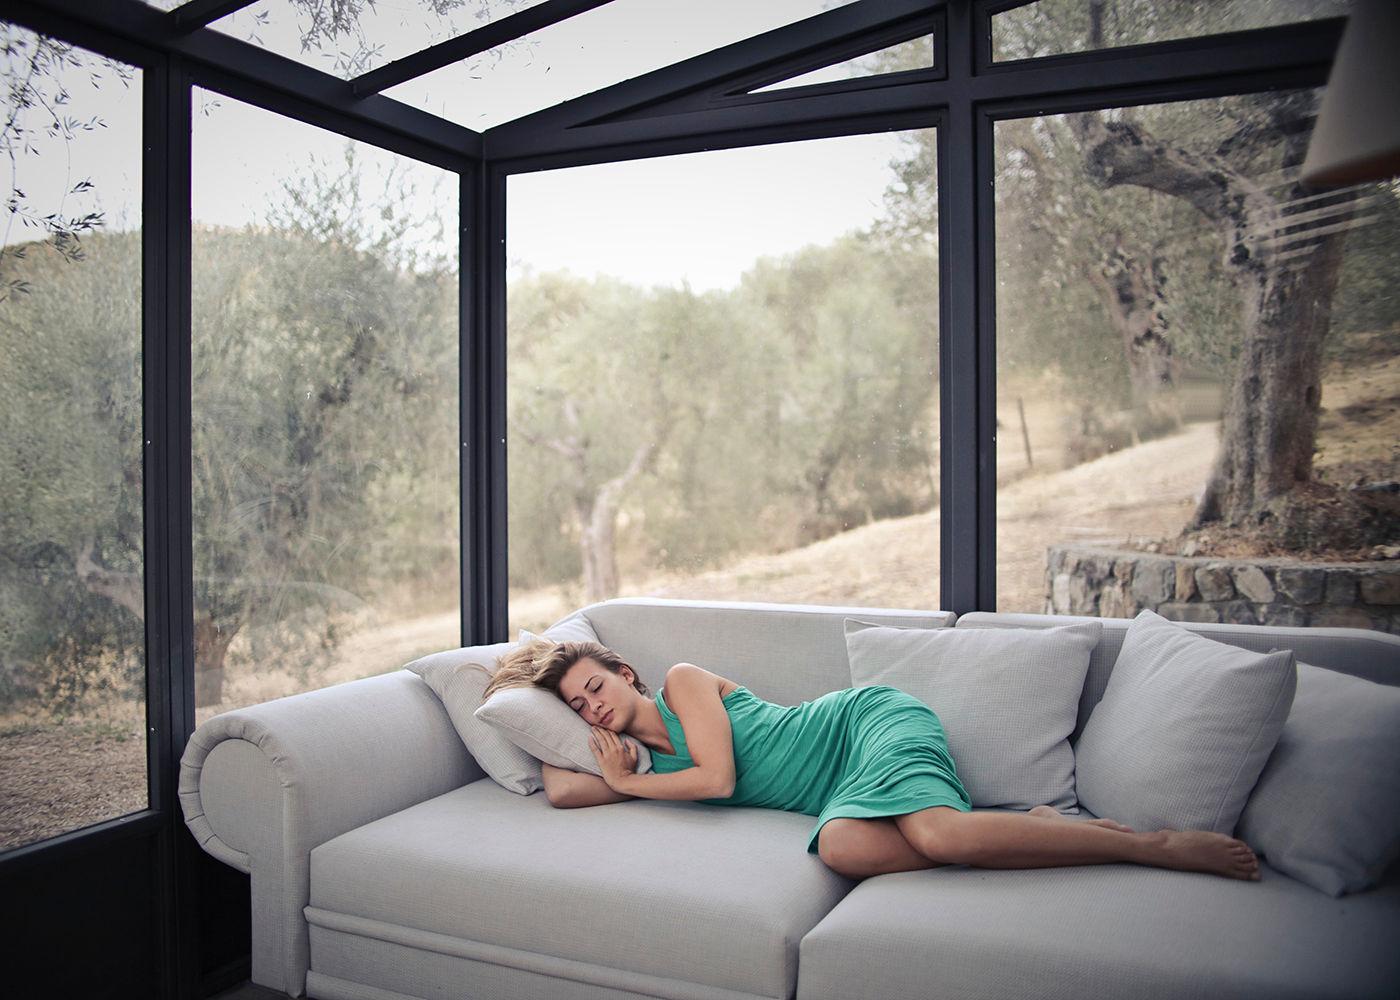 besser schlafen bei sommerhitze mit diesen 10 tipps geht 39 s antenne bayern. Black Bedroom Furniture Sets. Home Design Ideas